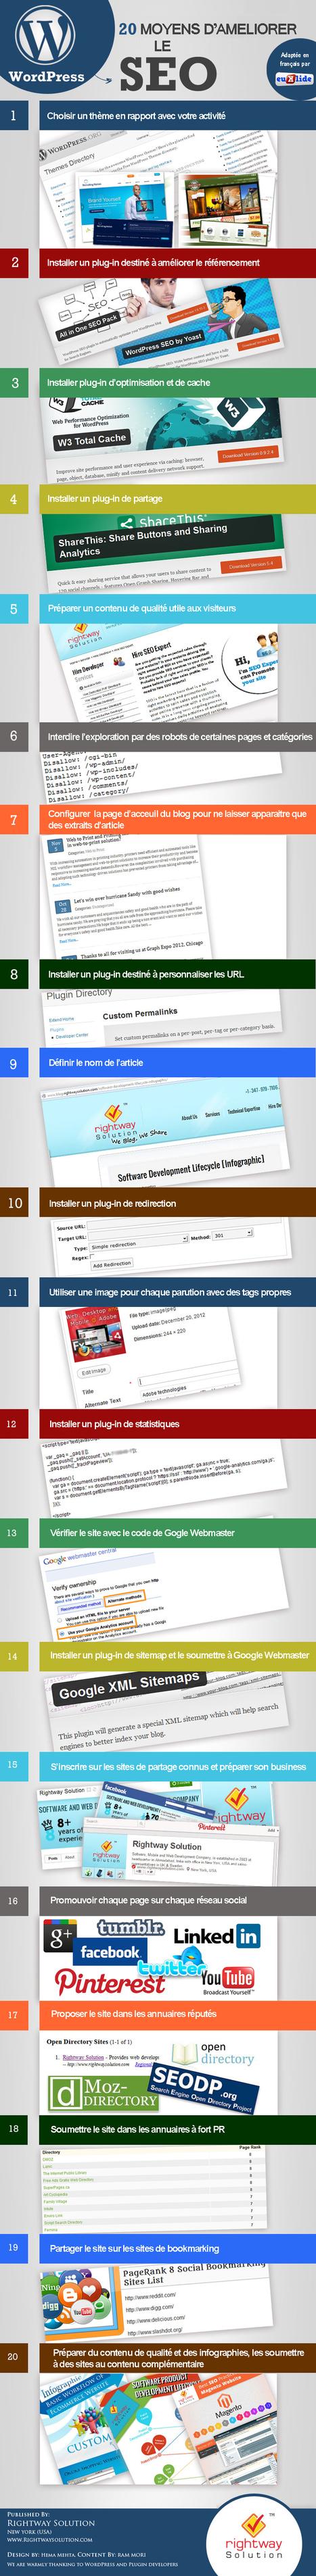 20 moyens d'améliorer le SEO pour Wordpress | SEO | Scoop.it